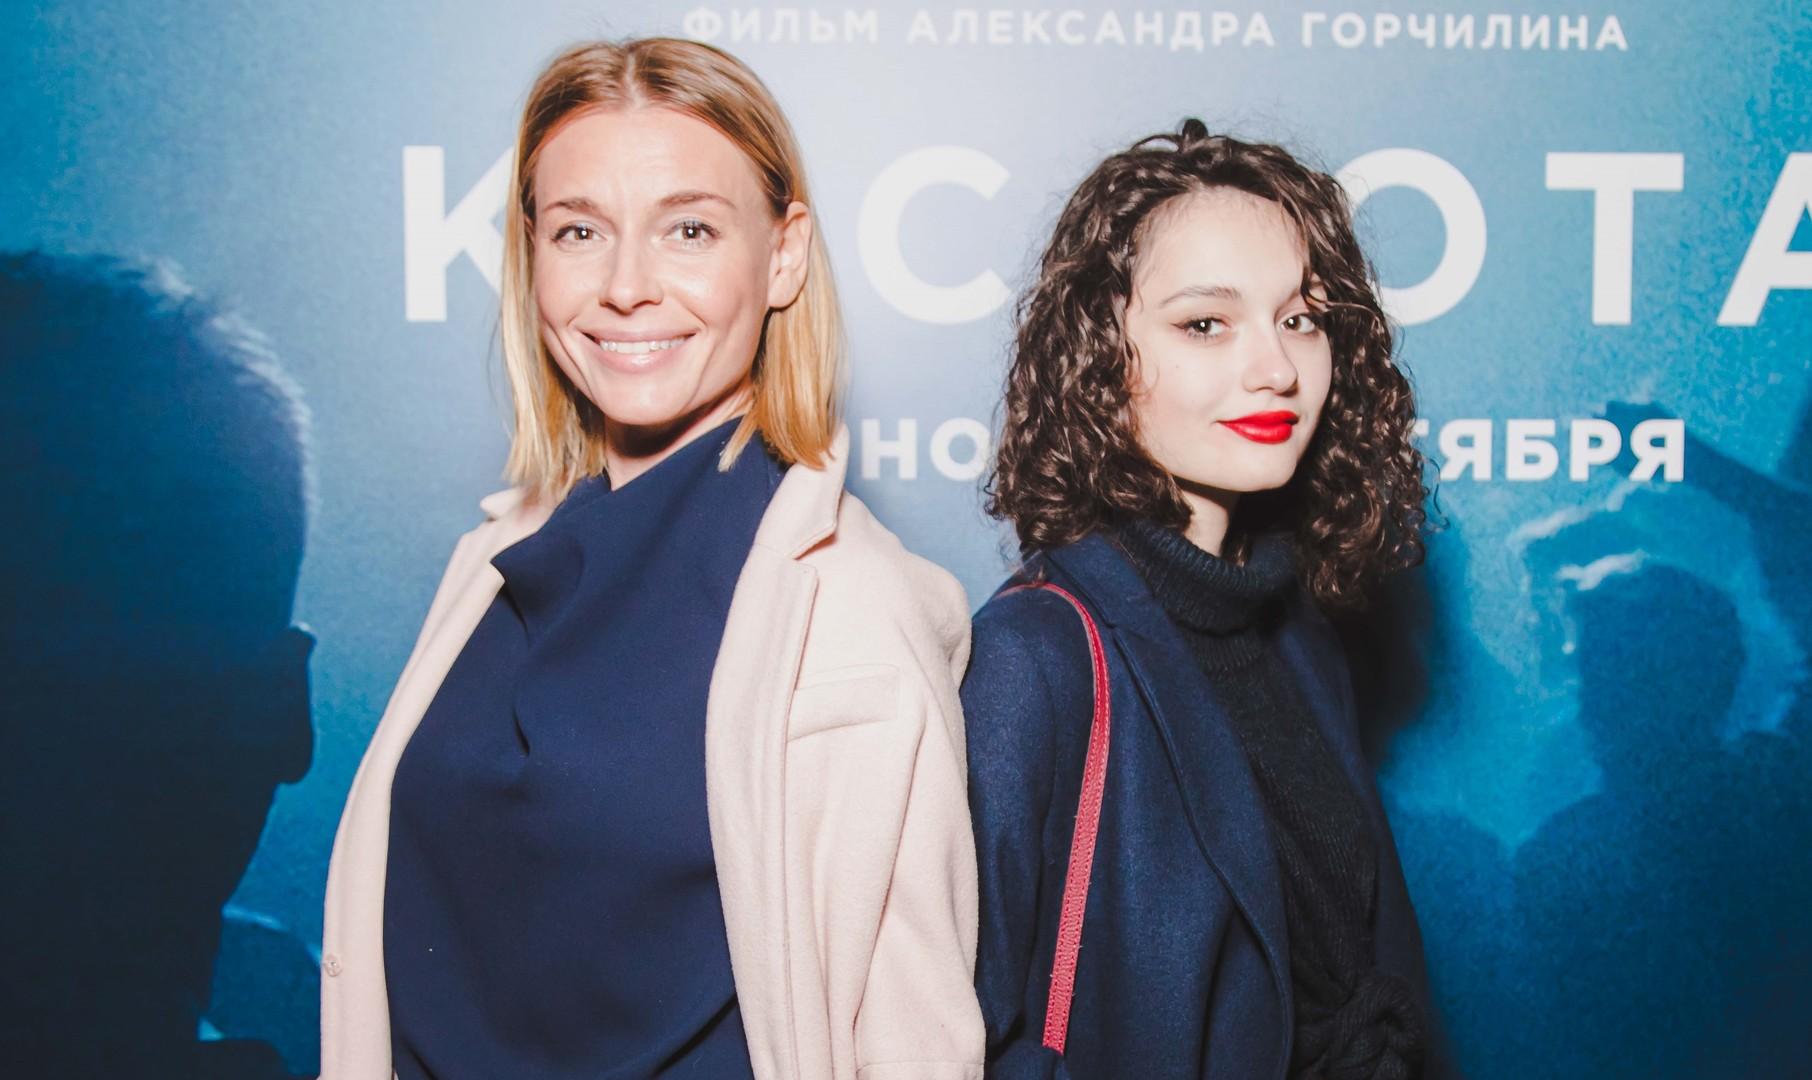 Дочь Любови Толкалиной дебютировала на сцене